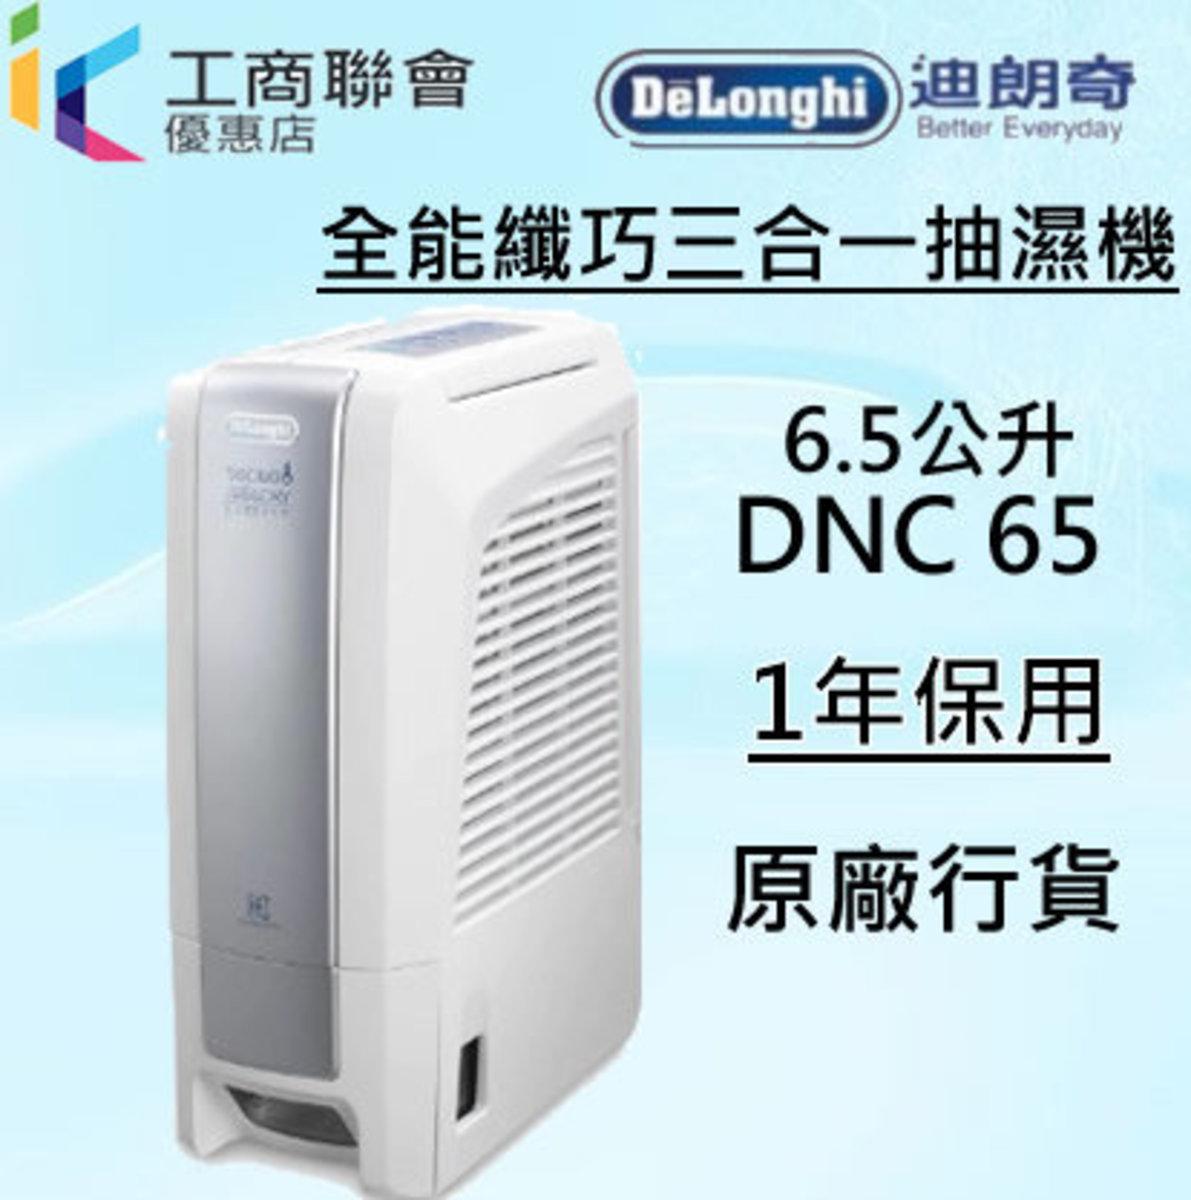 DNC65 6.5公升 全能纖巧三合一抽濕機